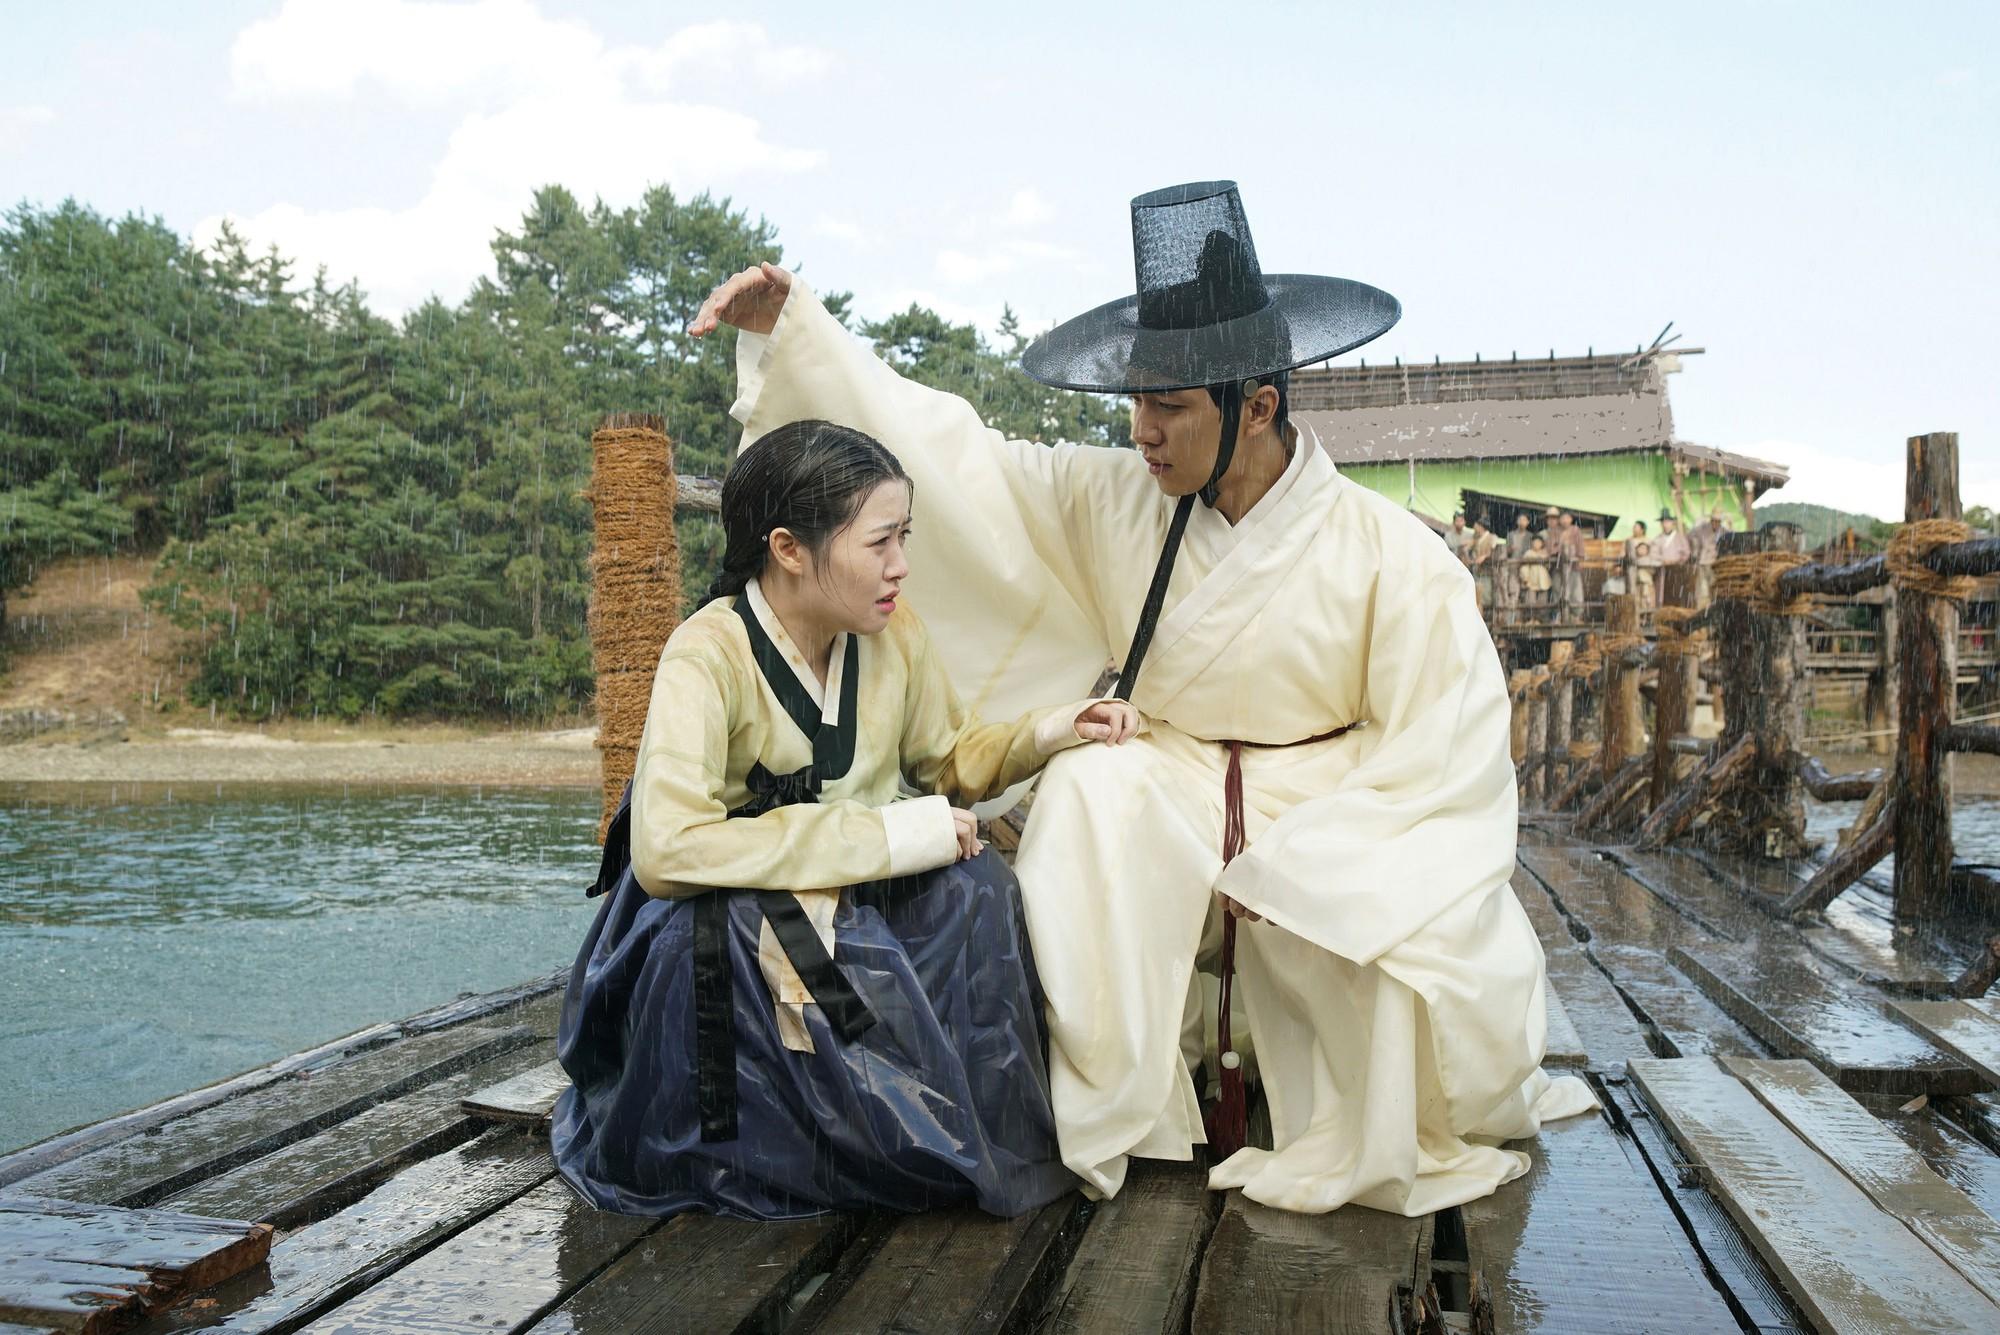 Phim mới của Lee Seung Gi: Khi con rể quốc dân cũng flop dập mặt vì quá thiếu muối - Ảnh 4.